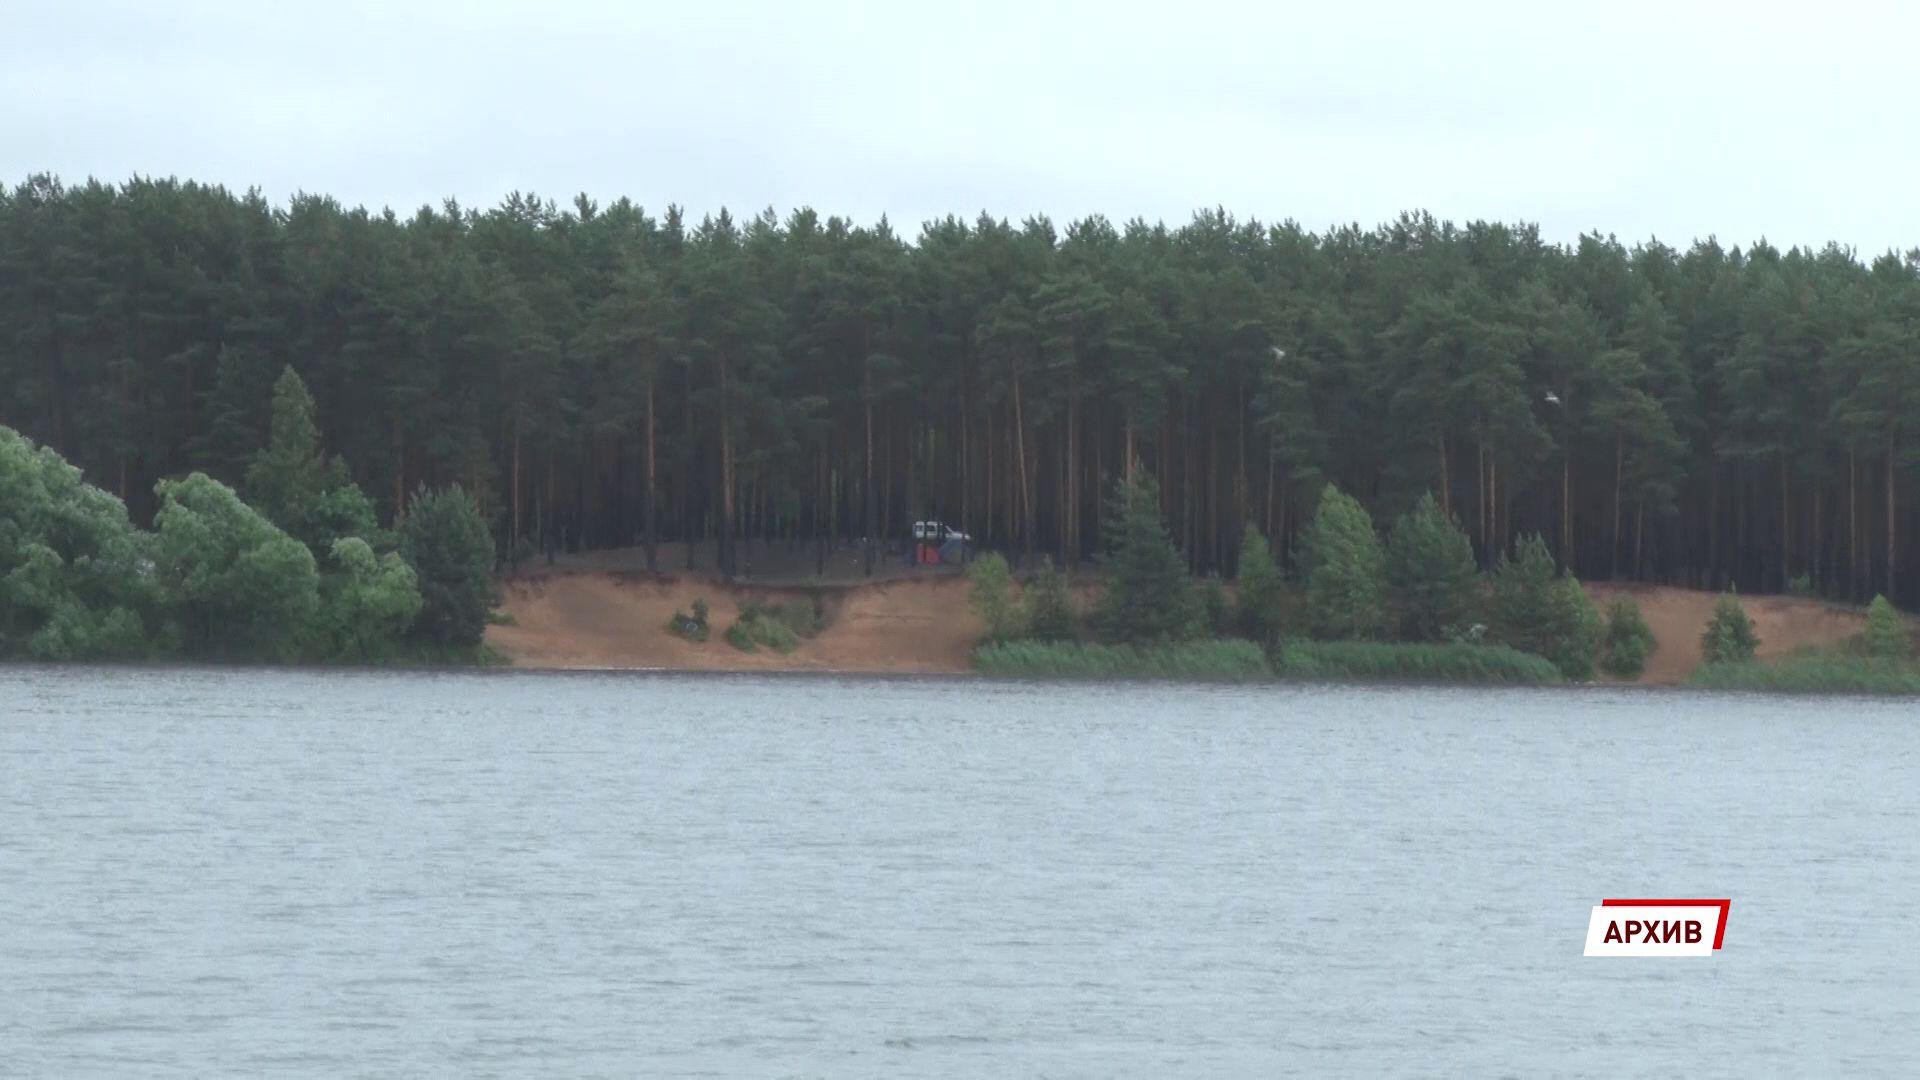 Зелёный пояс Ярославля увеличится на 260 гектаров